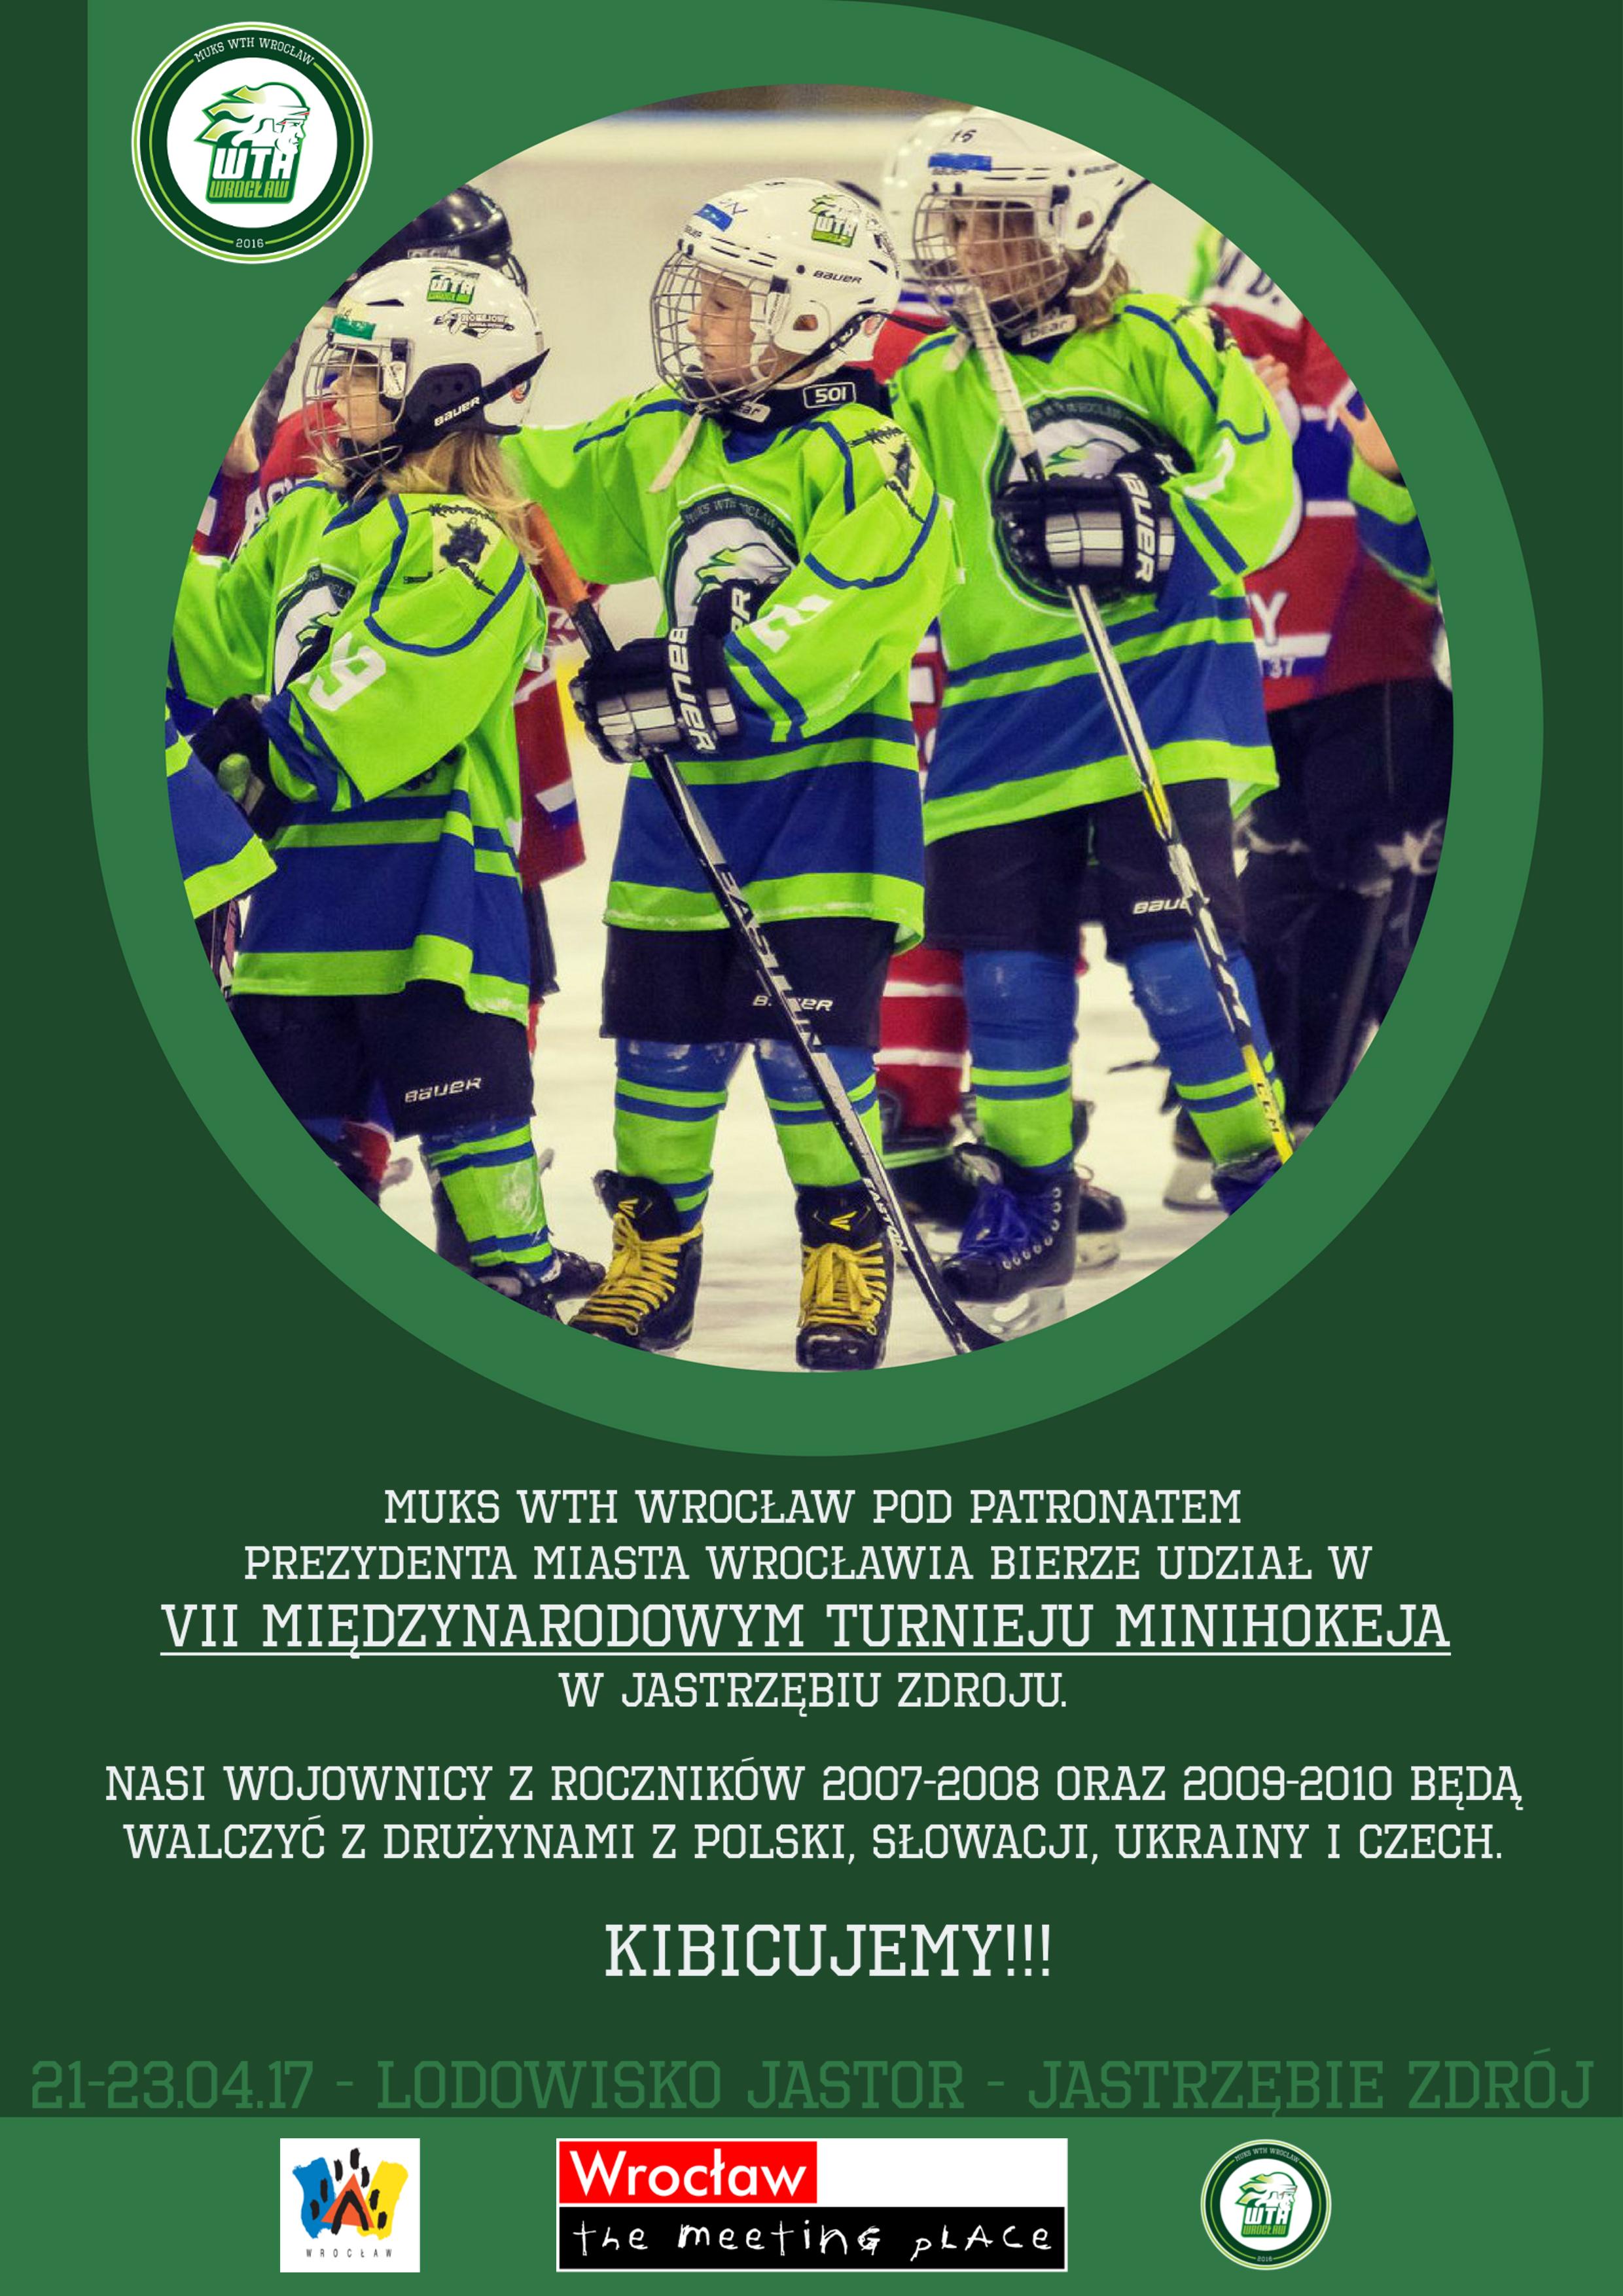 Międzynarodowy Turniej Minihokeja w Jastrzębiu